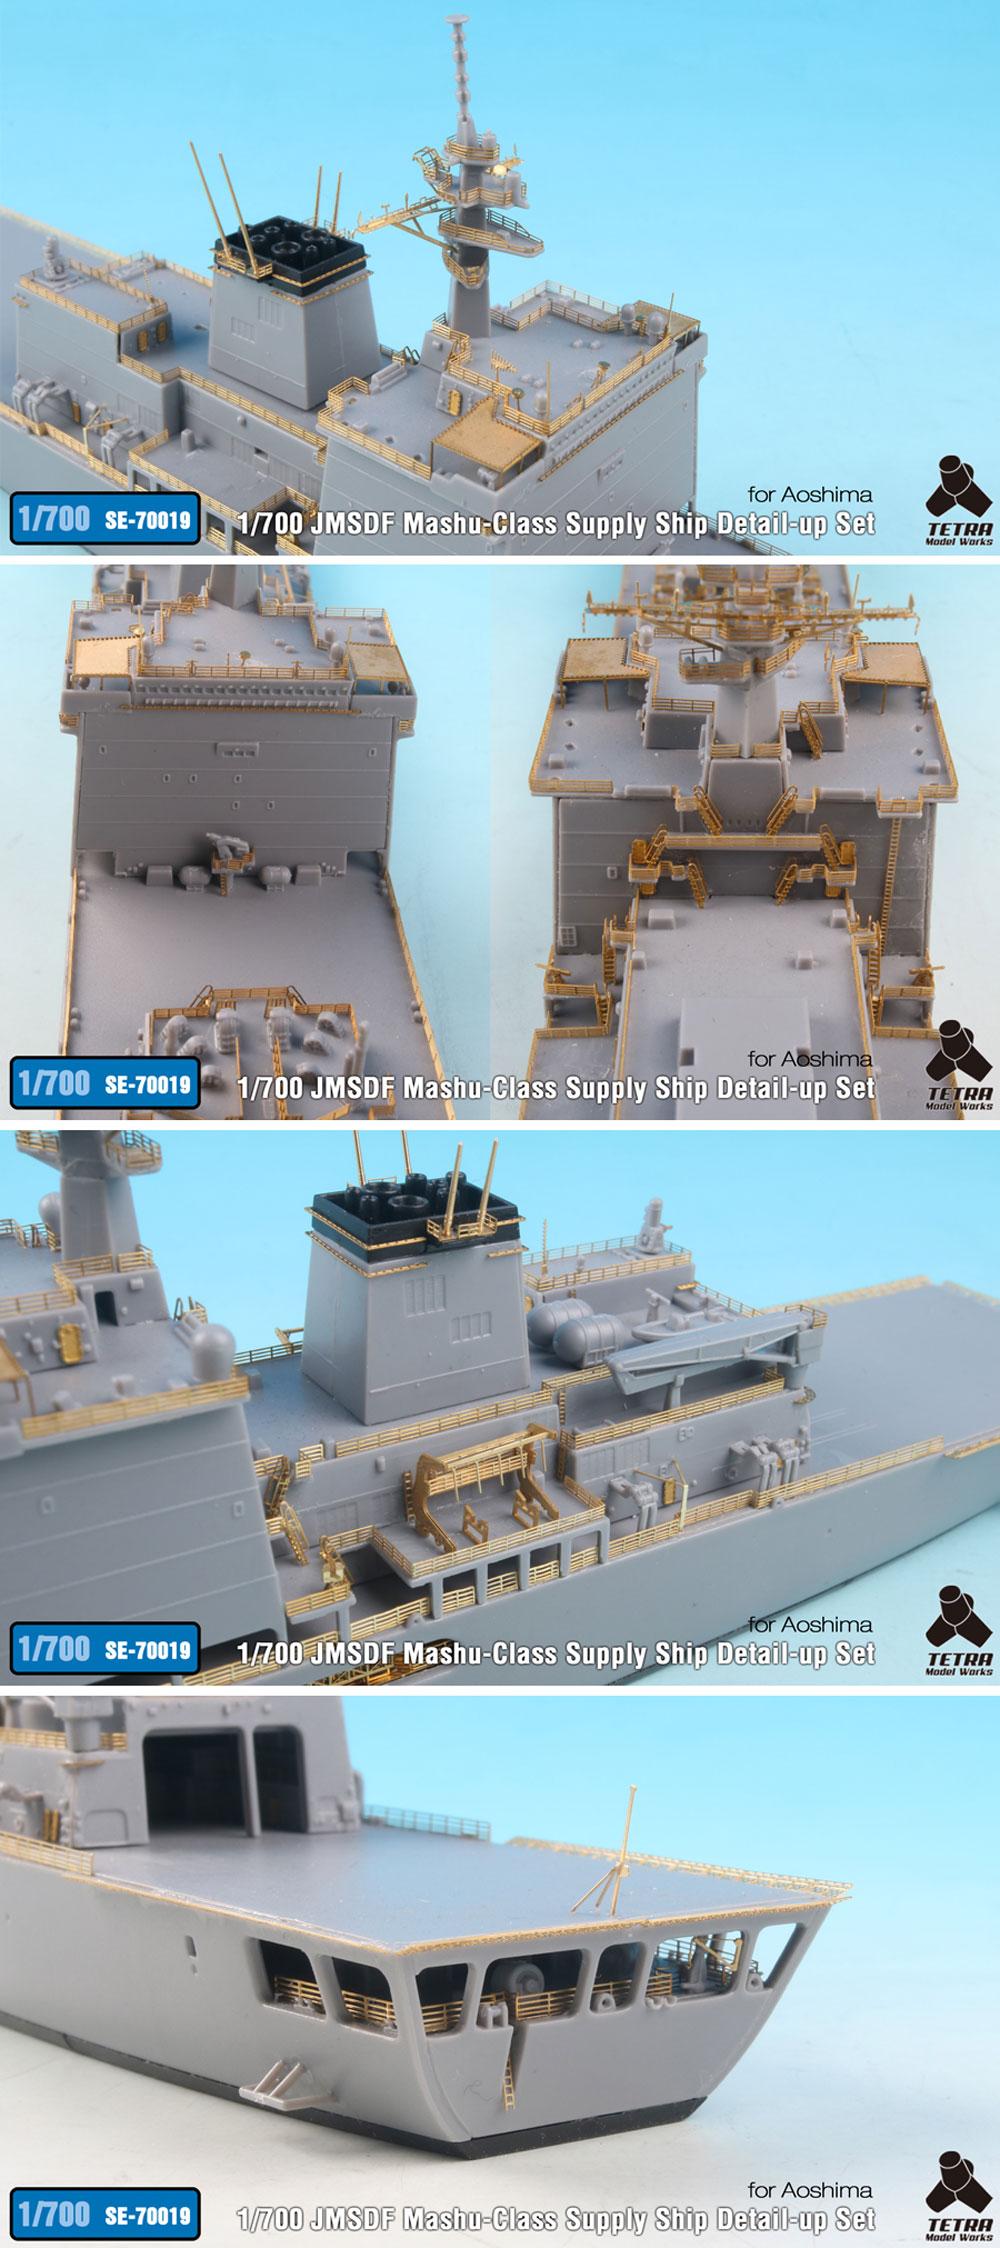 海上自衛隊 ましゅう級補給艦 ディテールアップセット (アオシマ用)エッチング(テトラモデルワークス艦船 アクセサリーパーツNo.SE-70019)商品画像_4